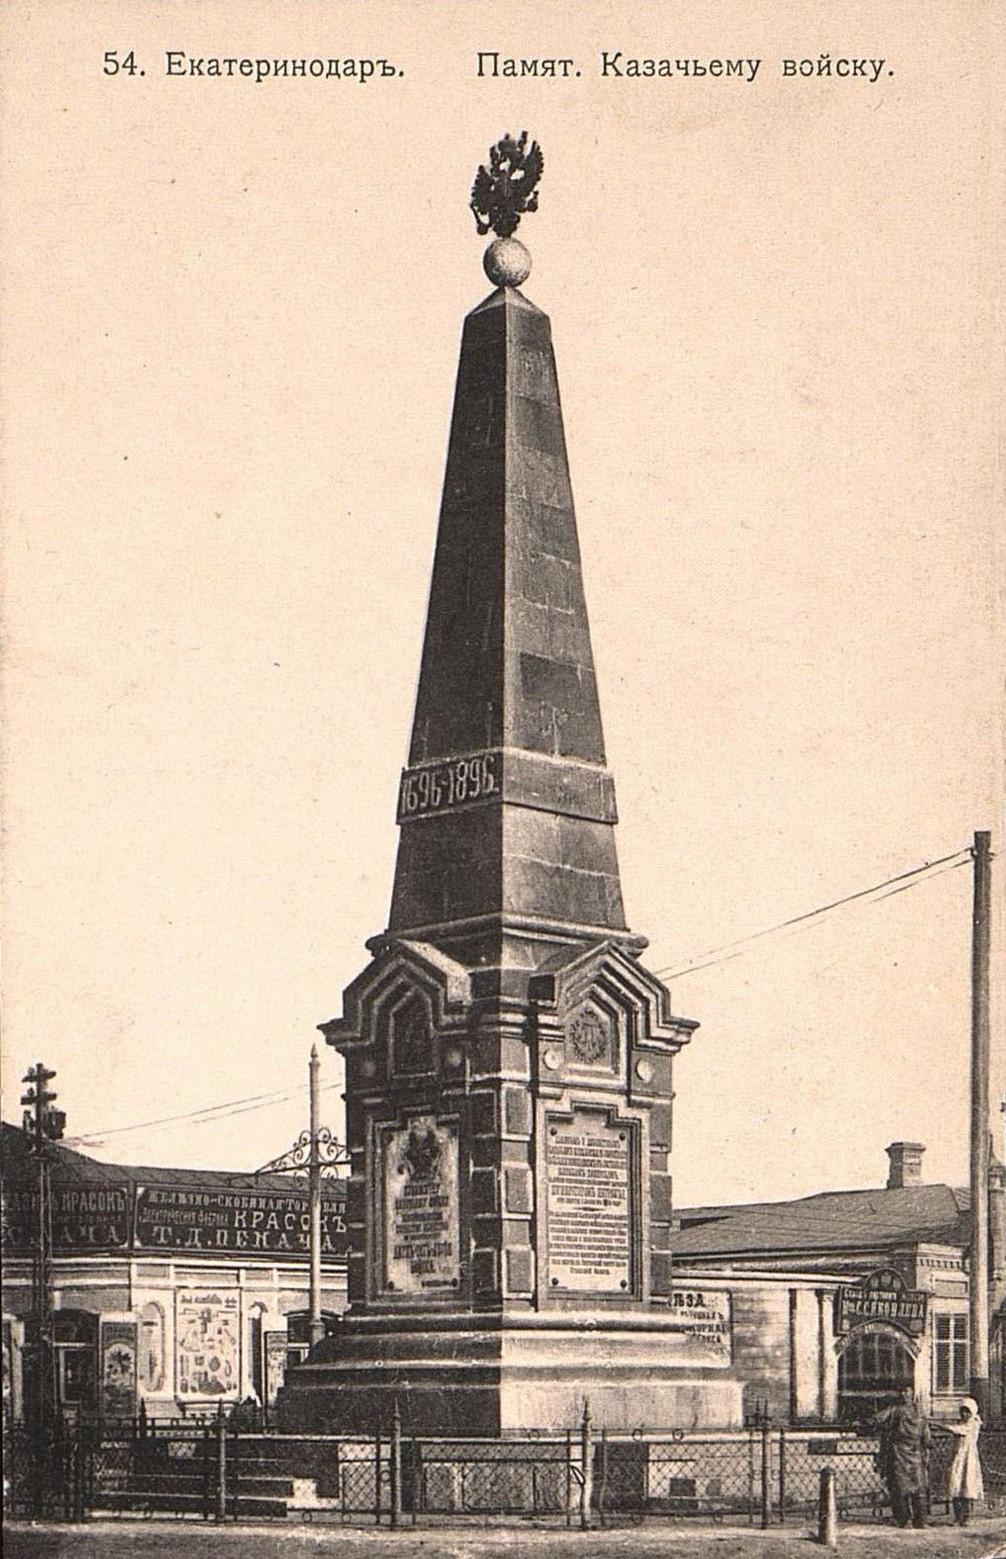 https://upload.wikimedia.org/wikipedia/commons/a/af/Krasnodar_obelisk.jpg